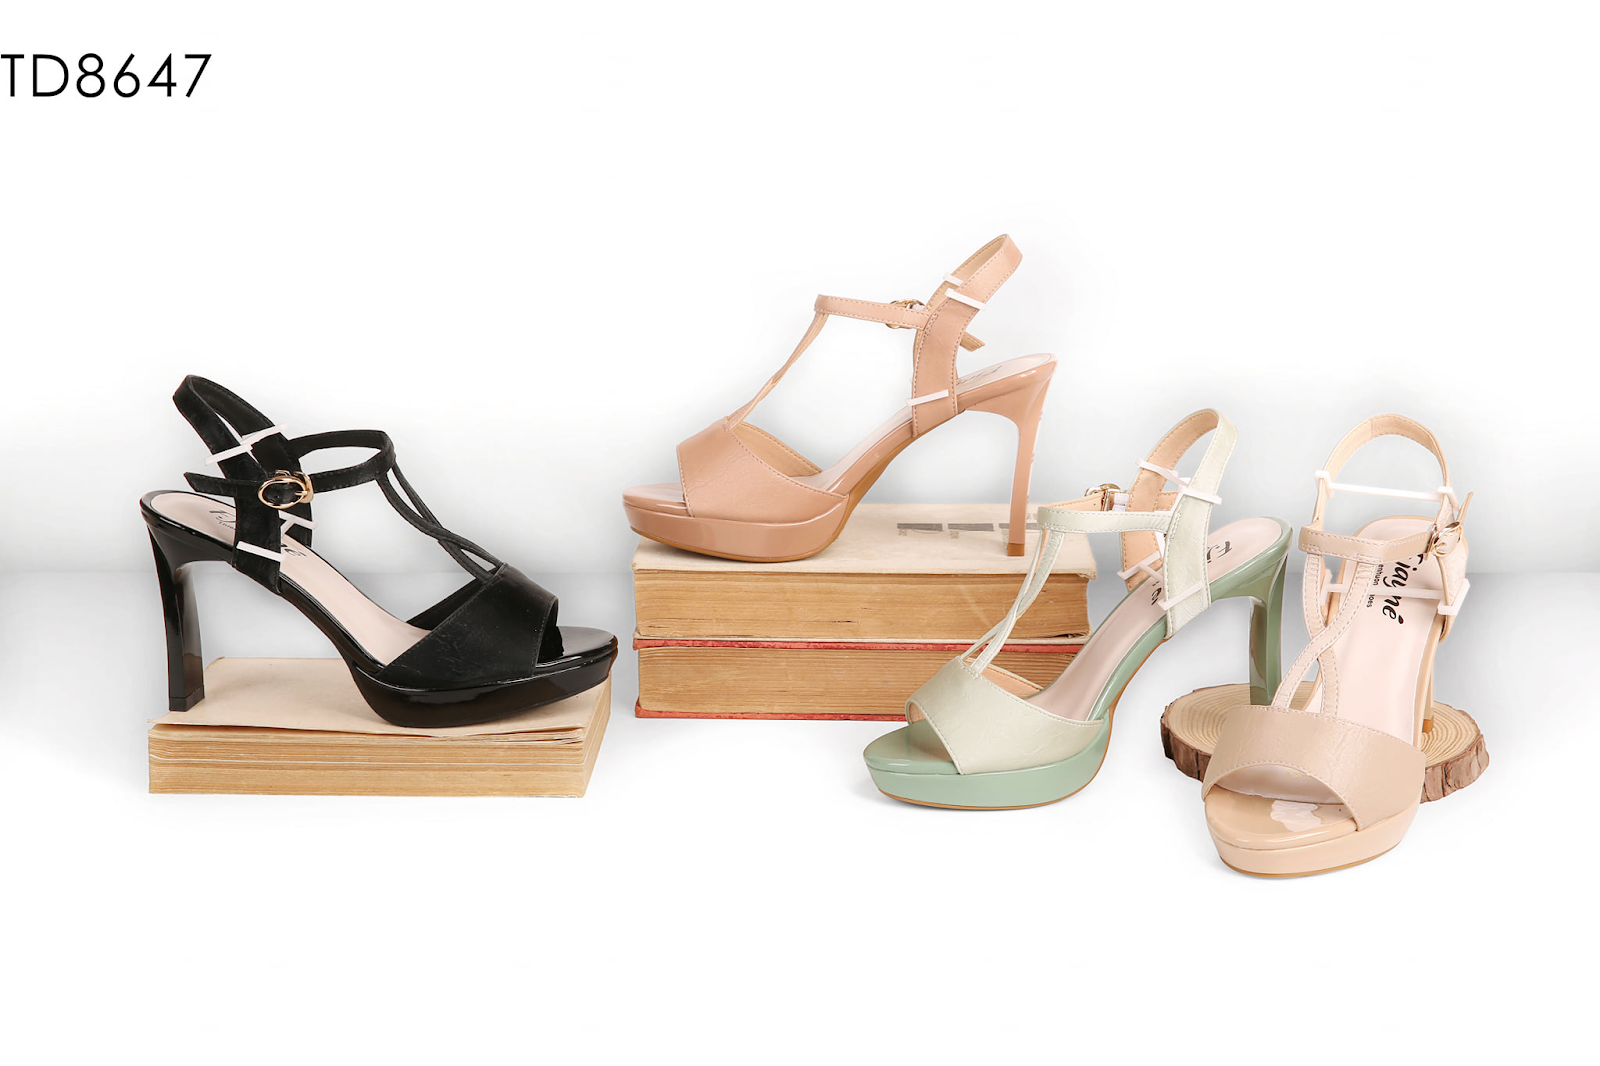 Giá tại xưởng sản xuất giày dép thienhuongshoes như thế nào?